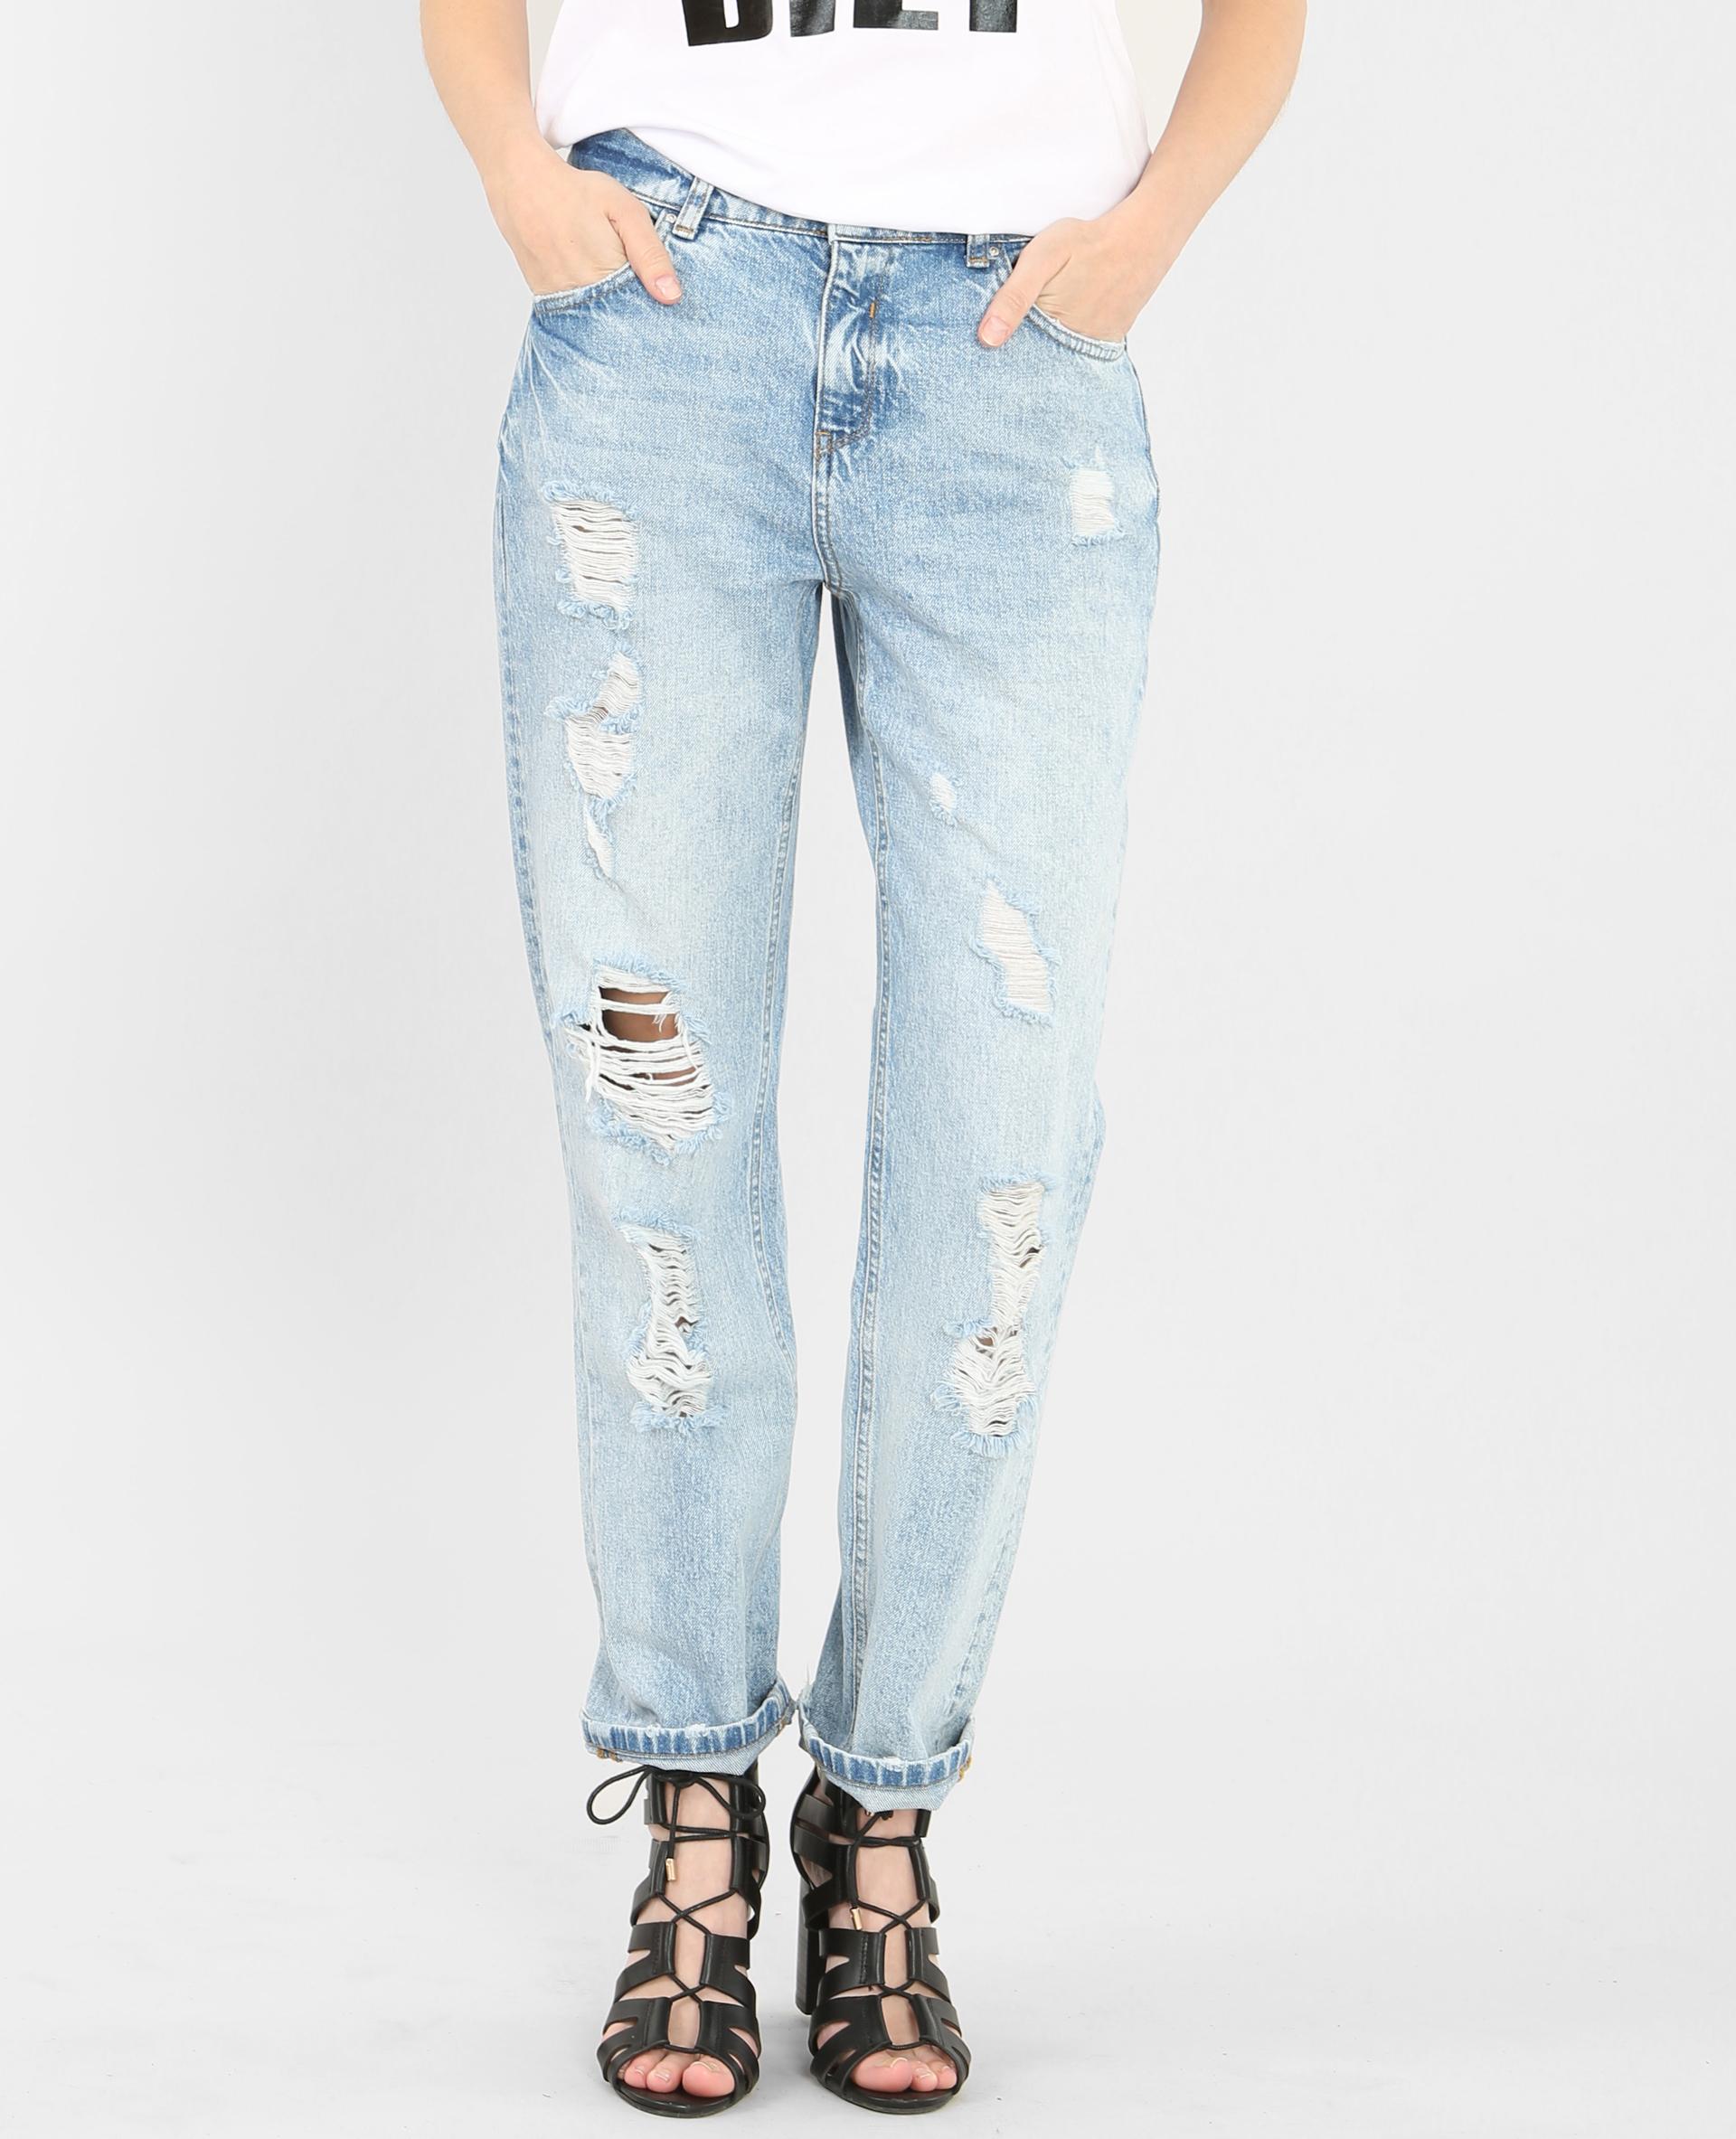 85c4e8c2eec4 Boyfit jeans blauw - 177041684A06   Pimkie